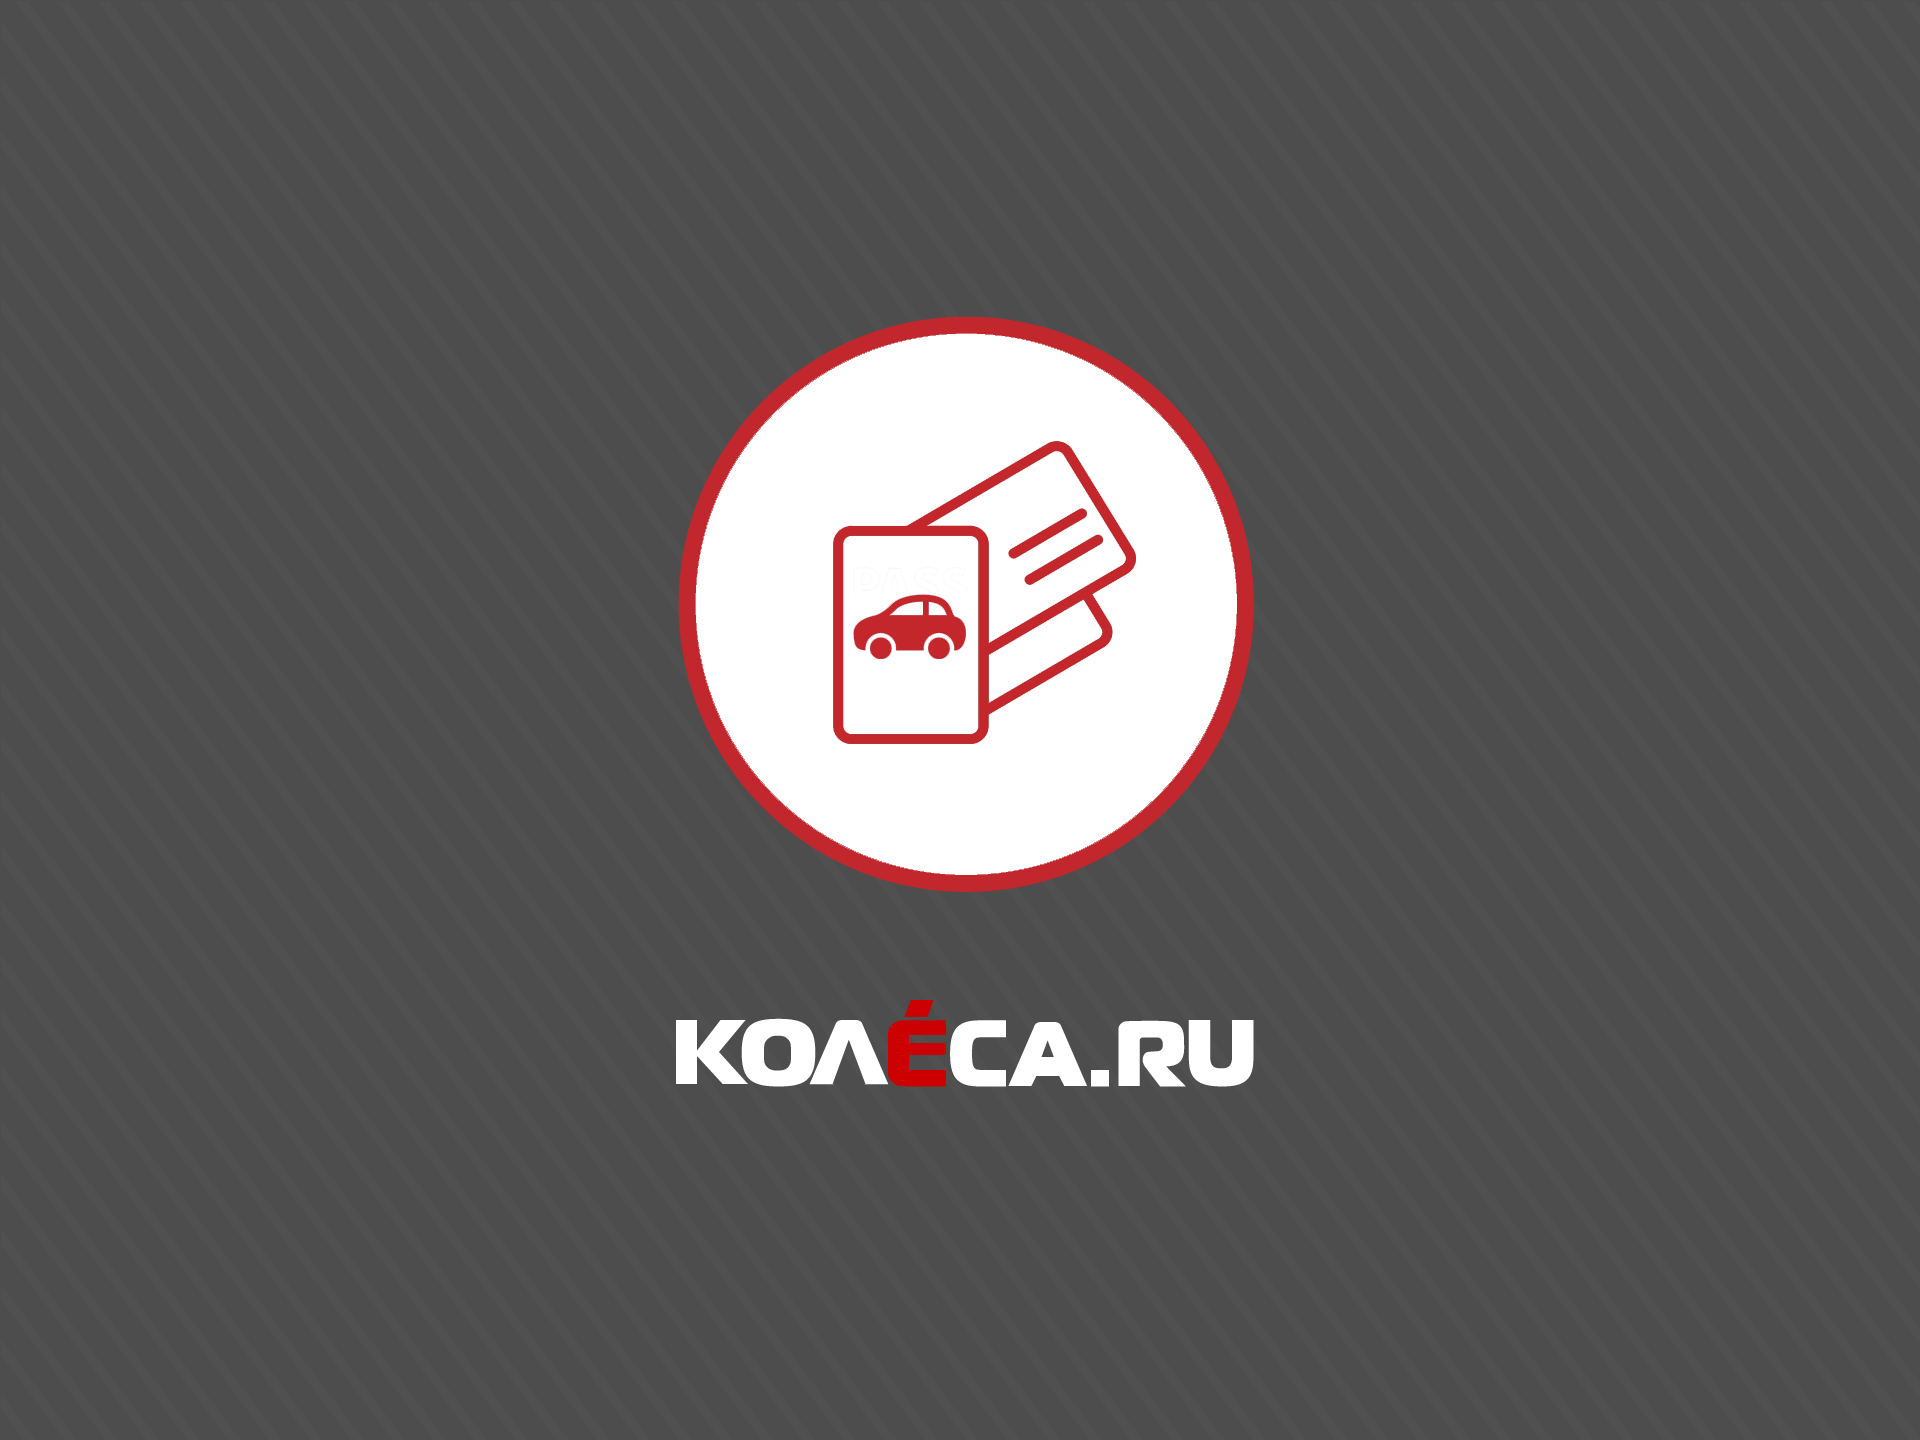 Комиссия по трудовым спорам официальный сайт